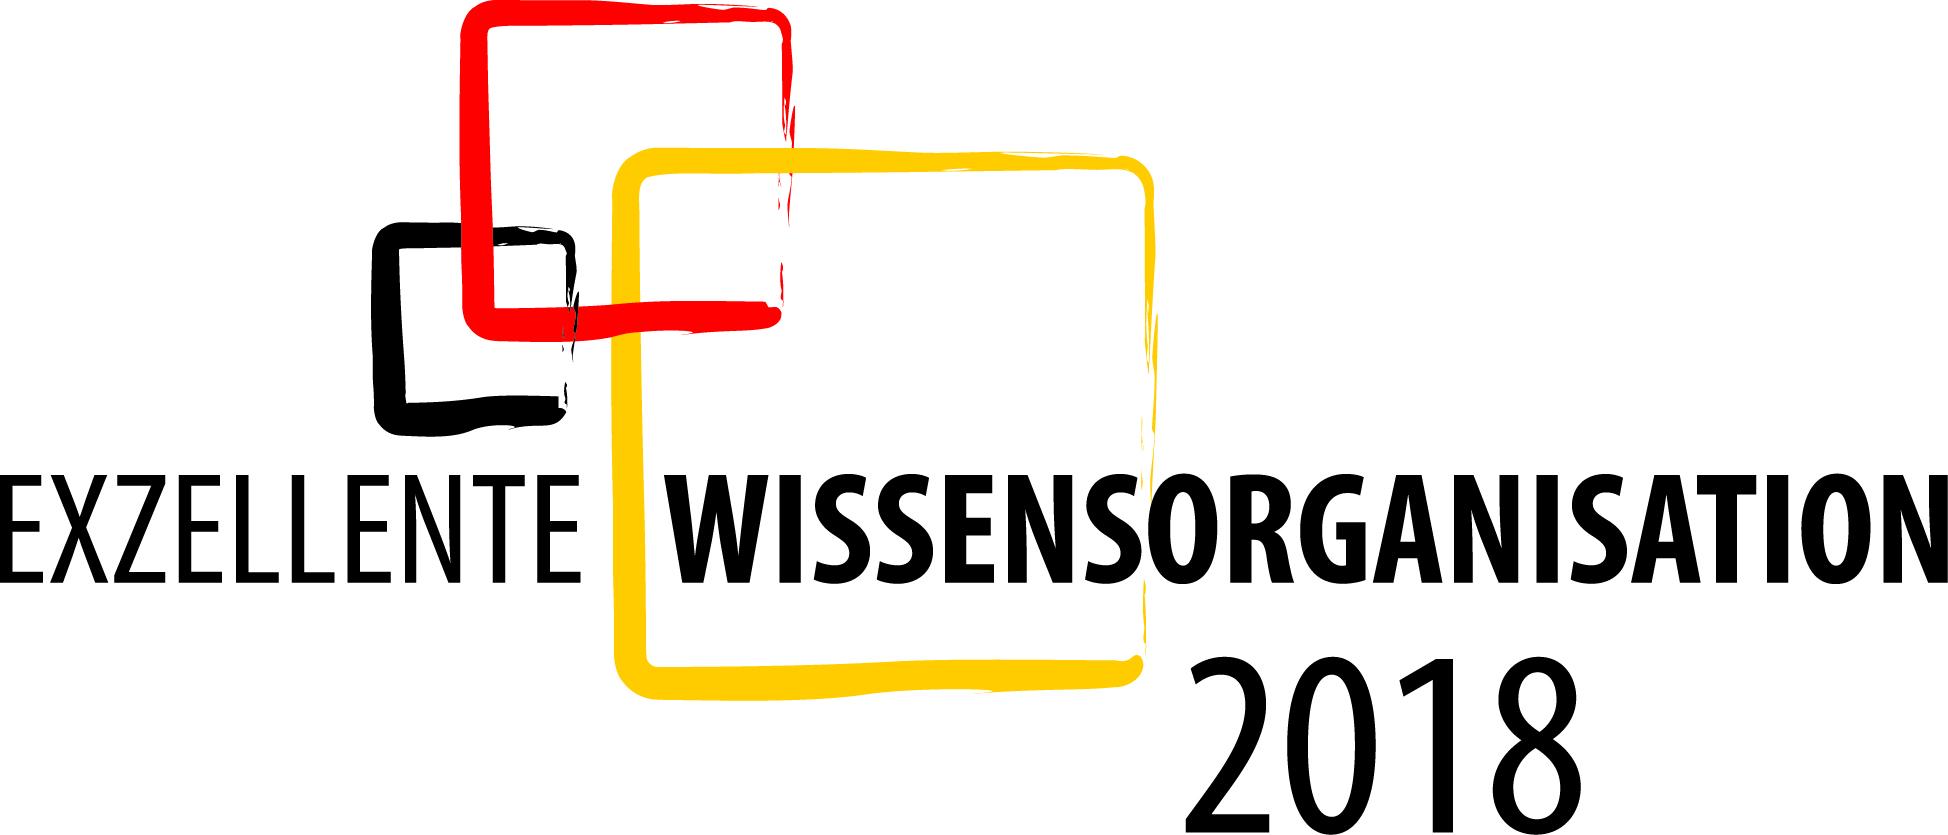 Exzellente Wissensorganisation 2018